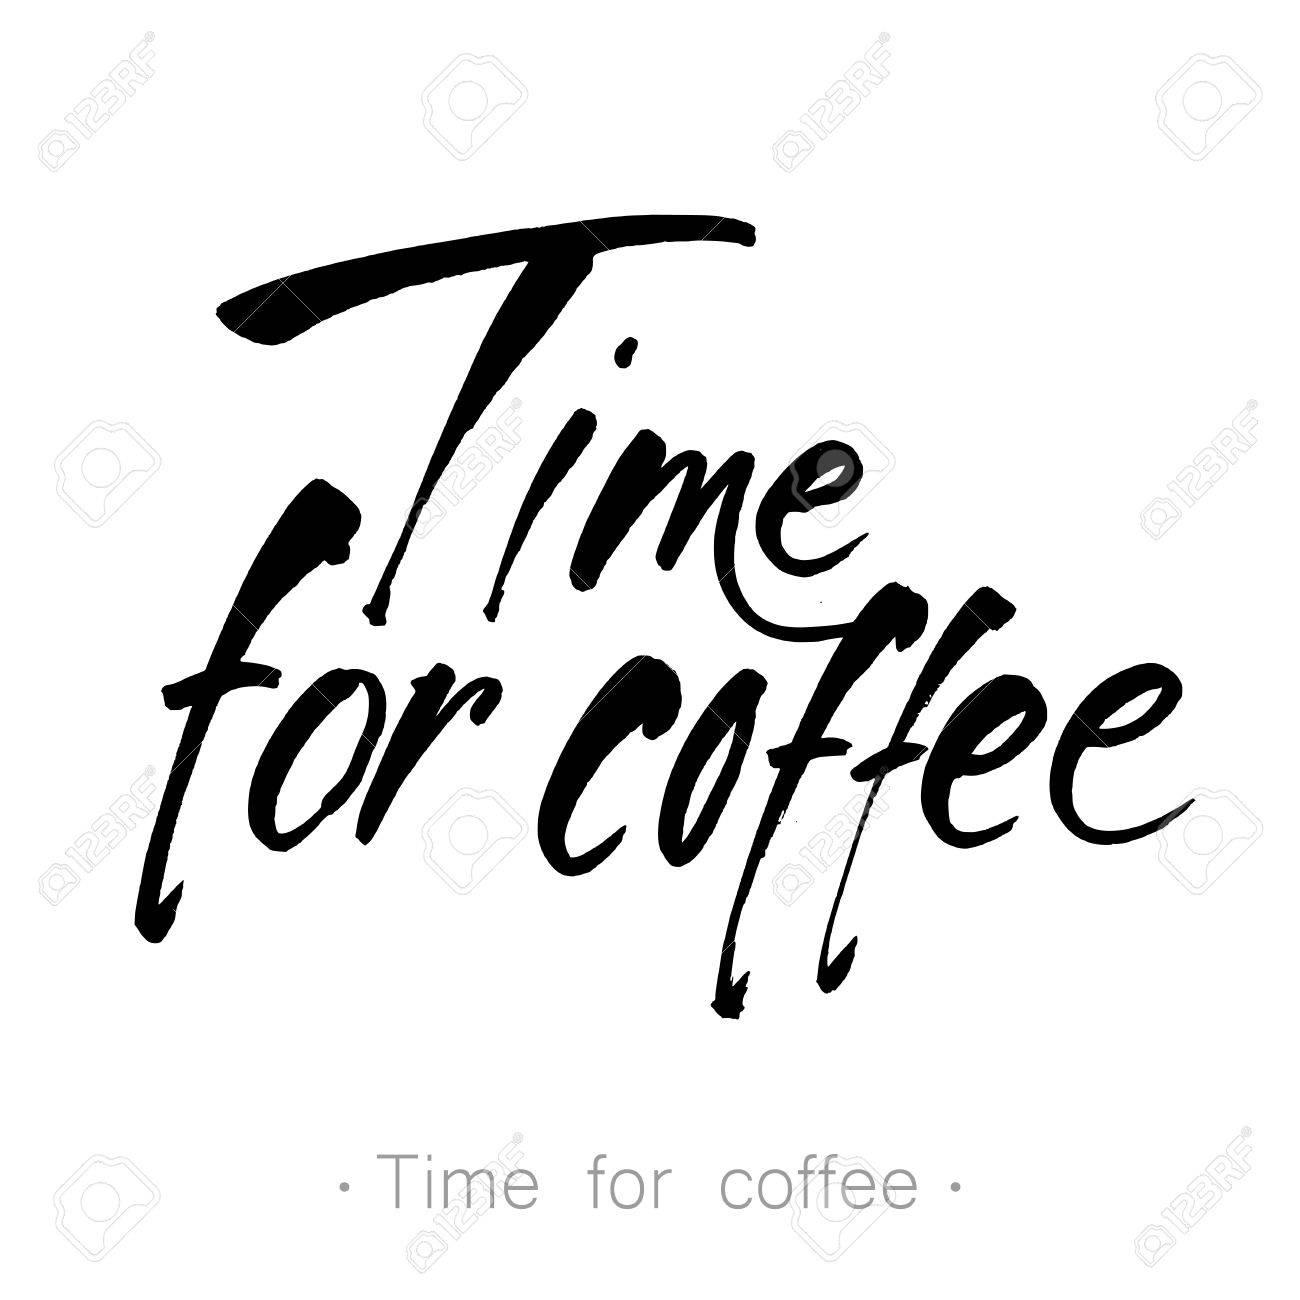 Zeit Für Kaffee Hand Gezeichnet Schriftzug. Handwritten Inschrift ...